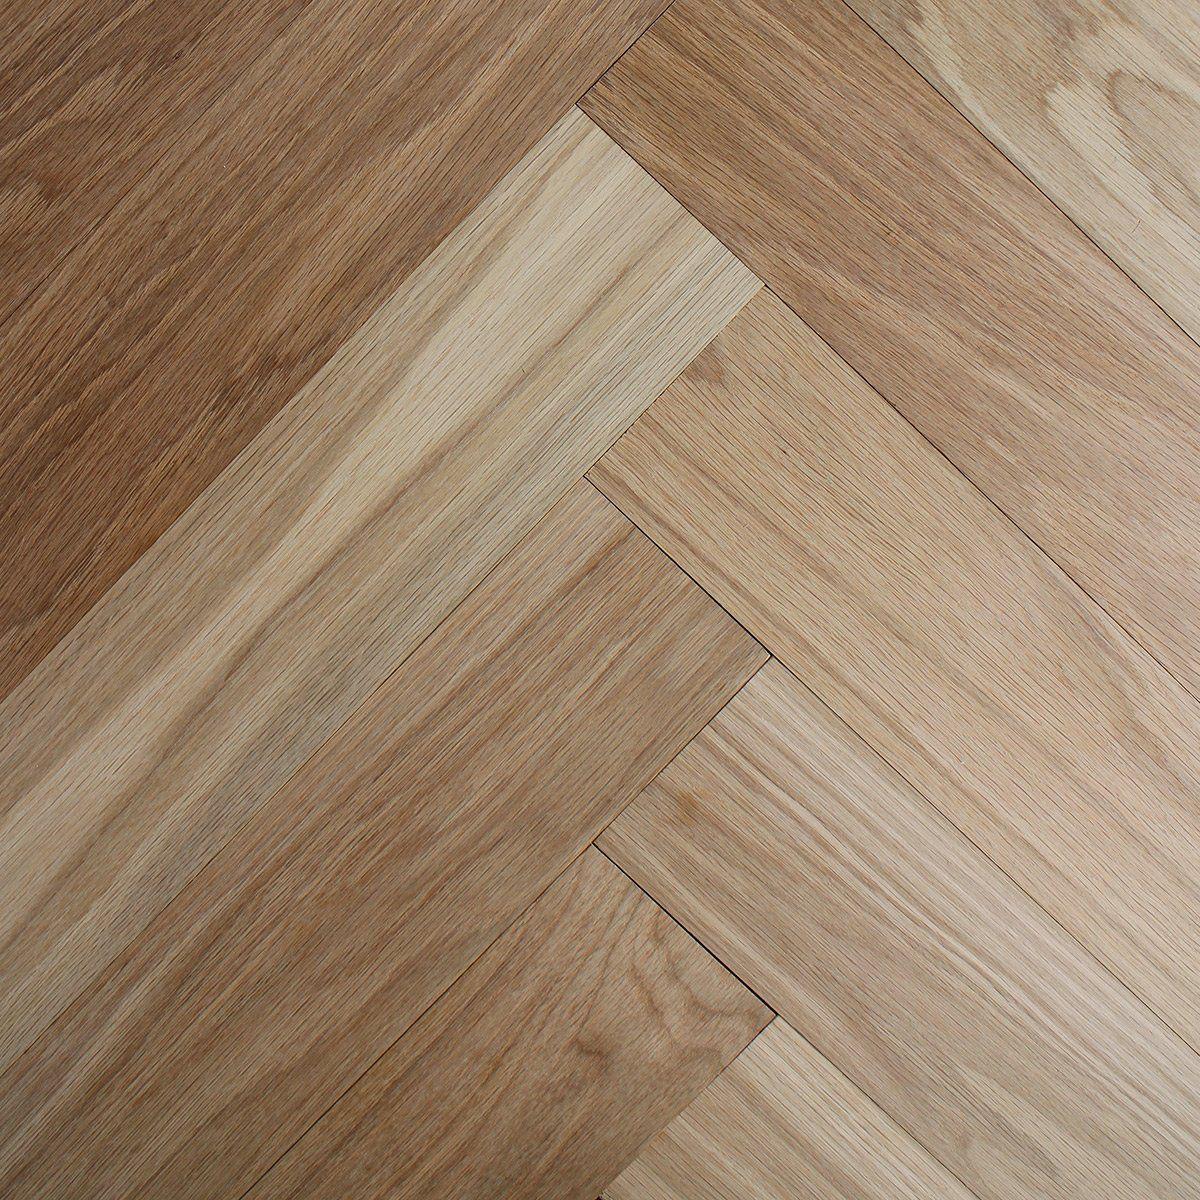 French Oak Natural Herringbone French Oak Flooring Hardwood Floors